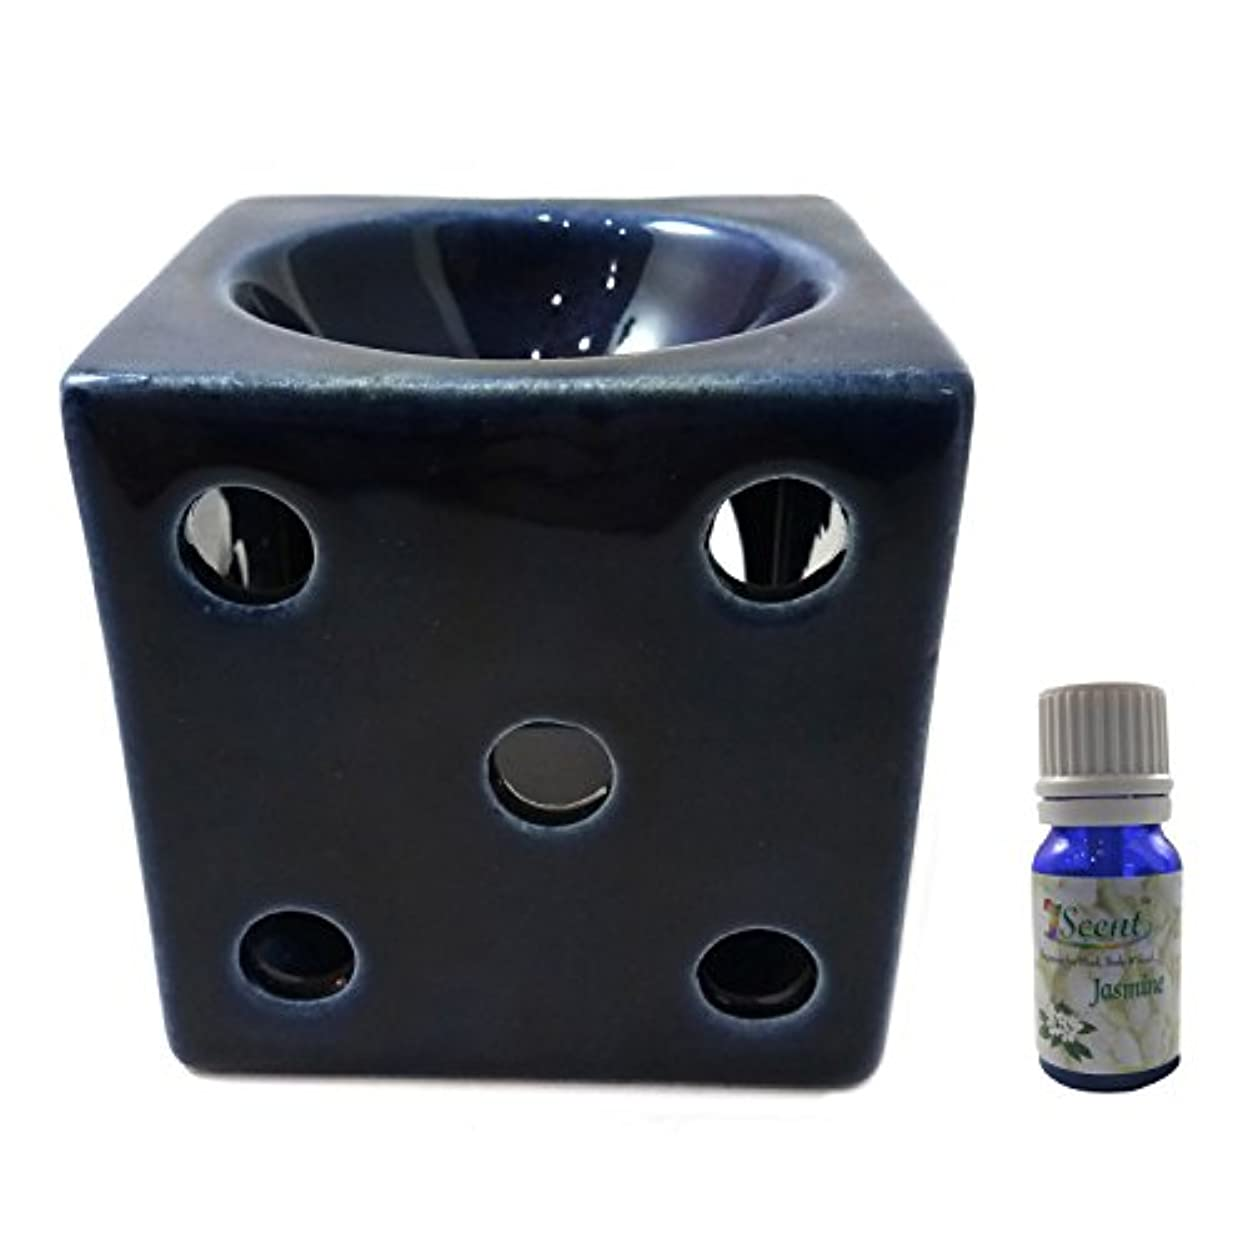 明確に元の手荷物家庭装飾定期的に使用する汚染されていない手作りセラミックエスニック電気アロマディフューザーオイルバーナージャスミンフレグランスオイル|良質ブラウン色電気アロマテラピー香油暖かい数量1